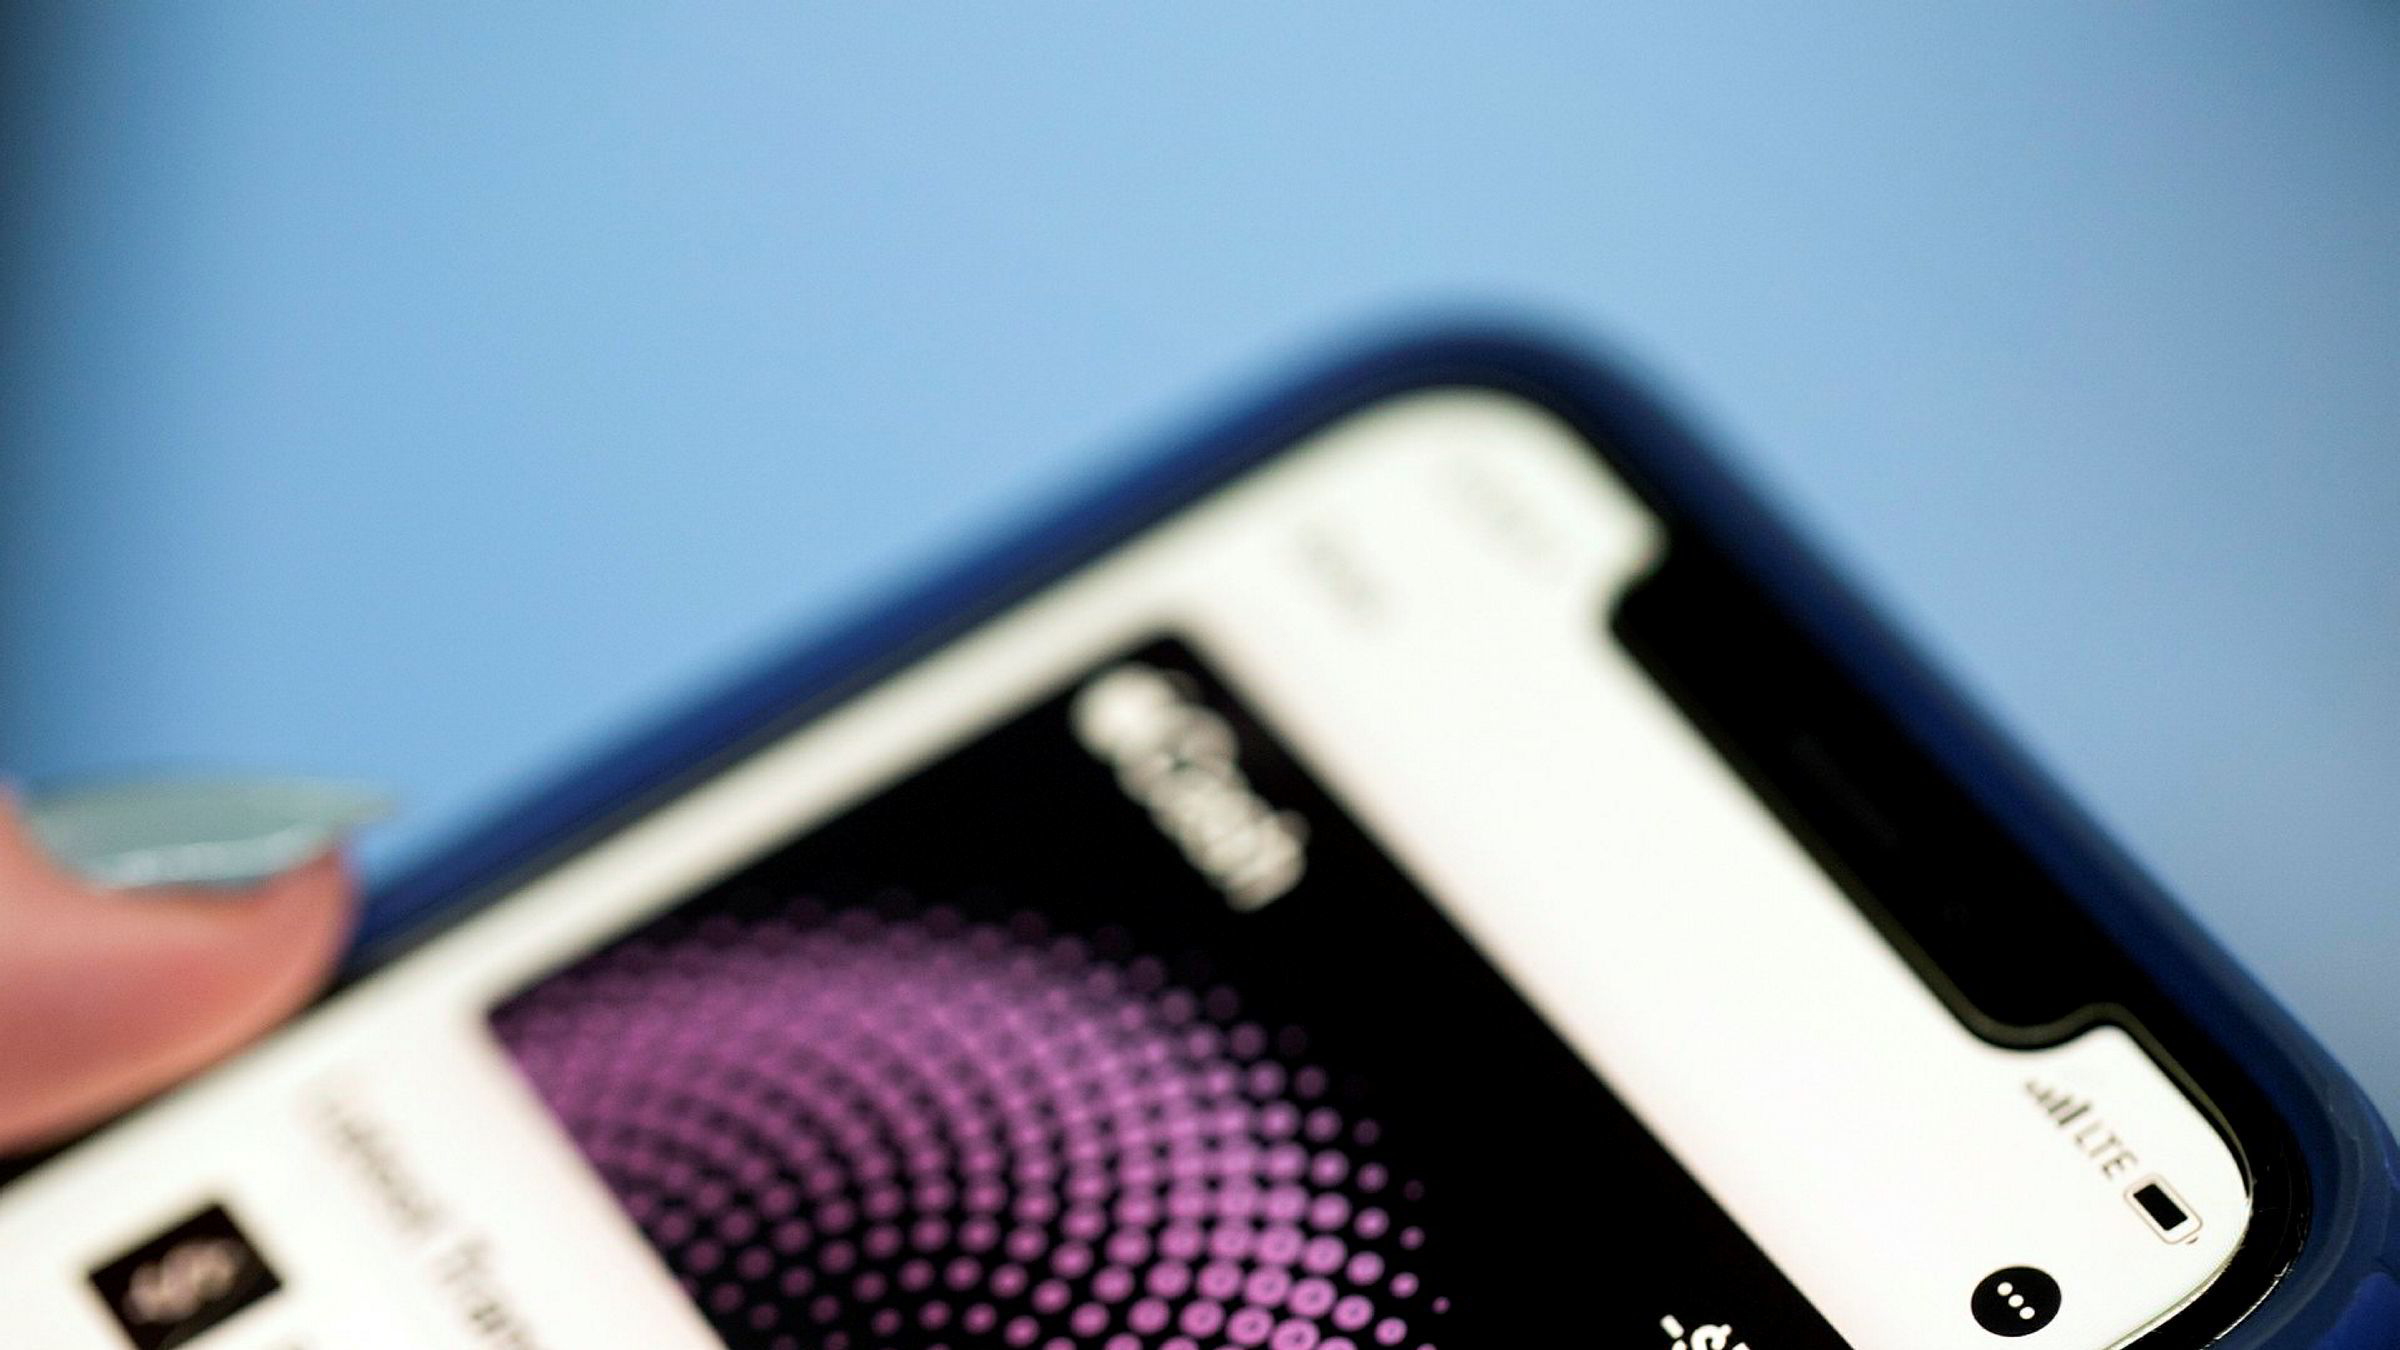 Ukrainas utenriksminister skryter av Iphone, men mener Apple bør holde seg unna storpolitikk.